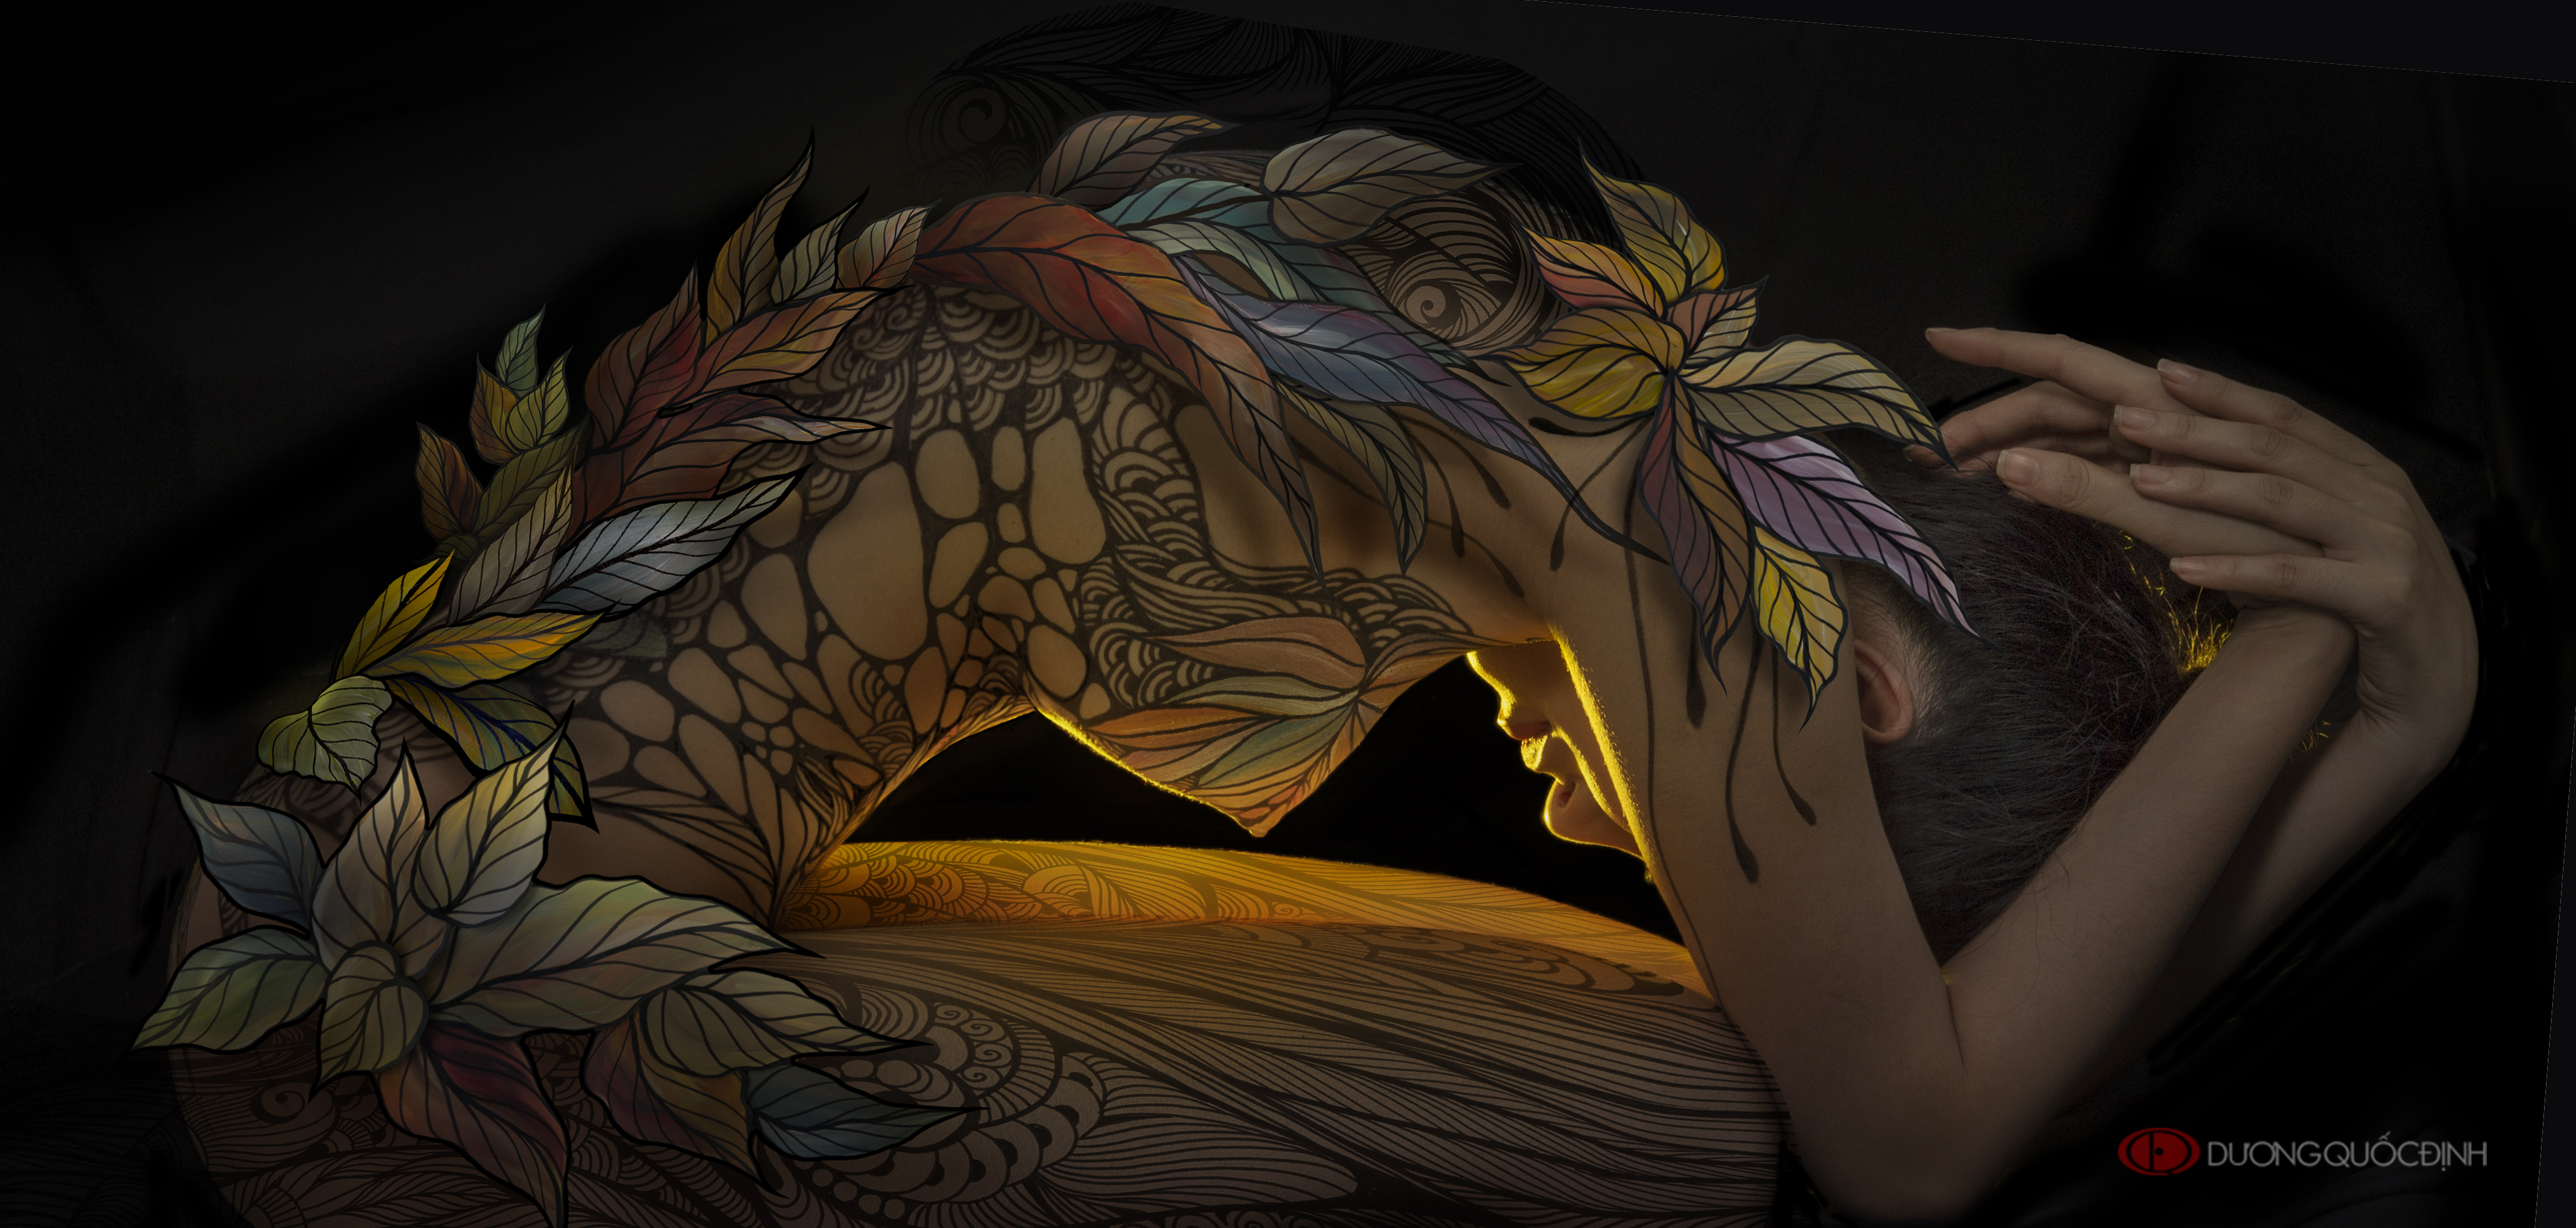 Top 1/10 Body Painting Art | Dương Quốc Định